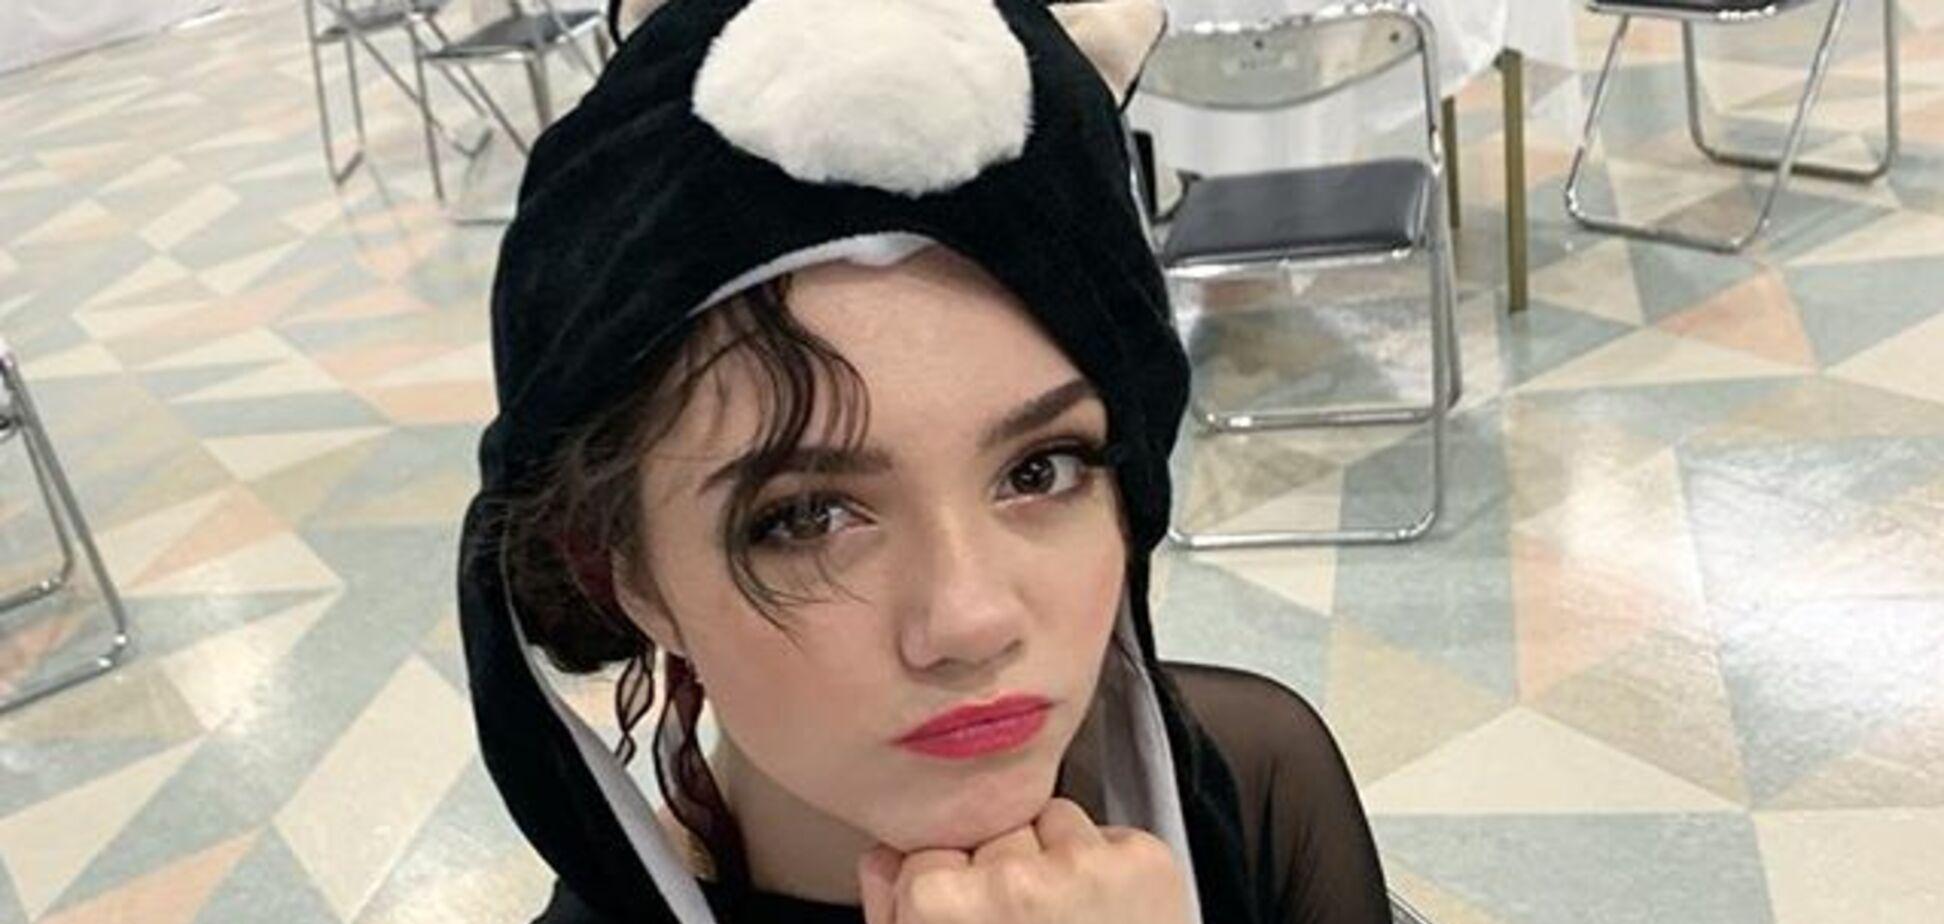 'Что за порно?' Российская чемпионка всполошила сеть смелым фото